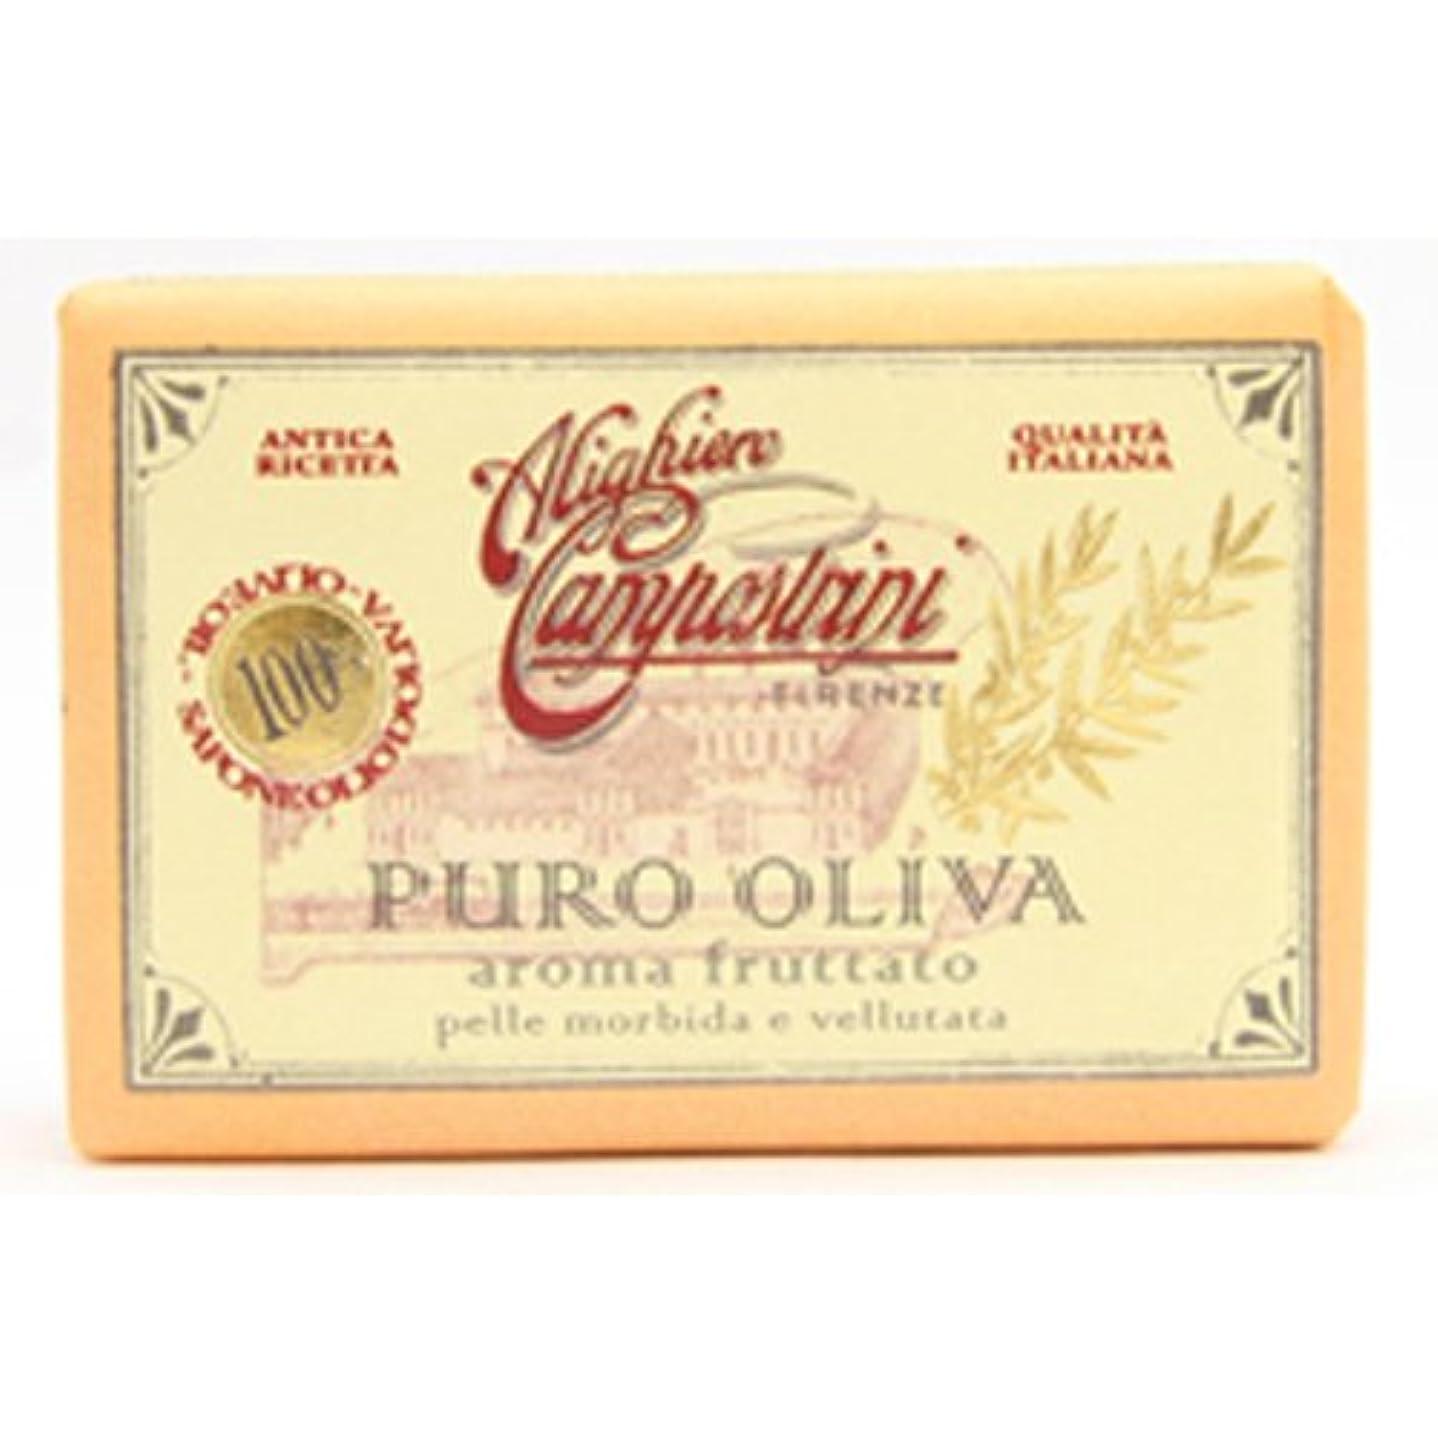 文房具コンプライアンス先住民Saponerire Fissi サポネリーフィッシー PURO OLIVA Soap オリーブオイル ピュロ ソープ Aroma fruttato フルーツ(オレンジ)